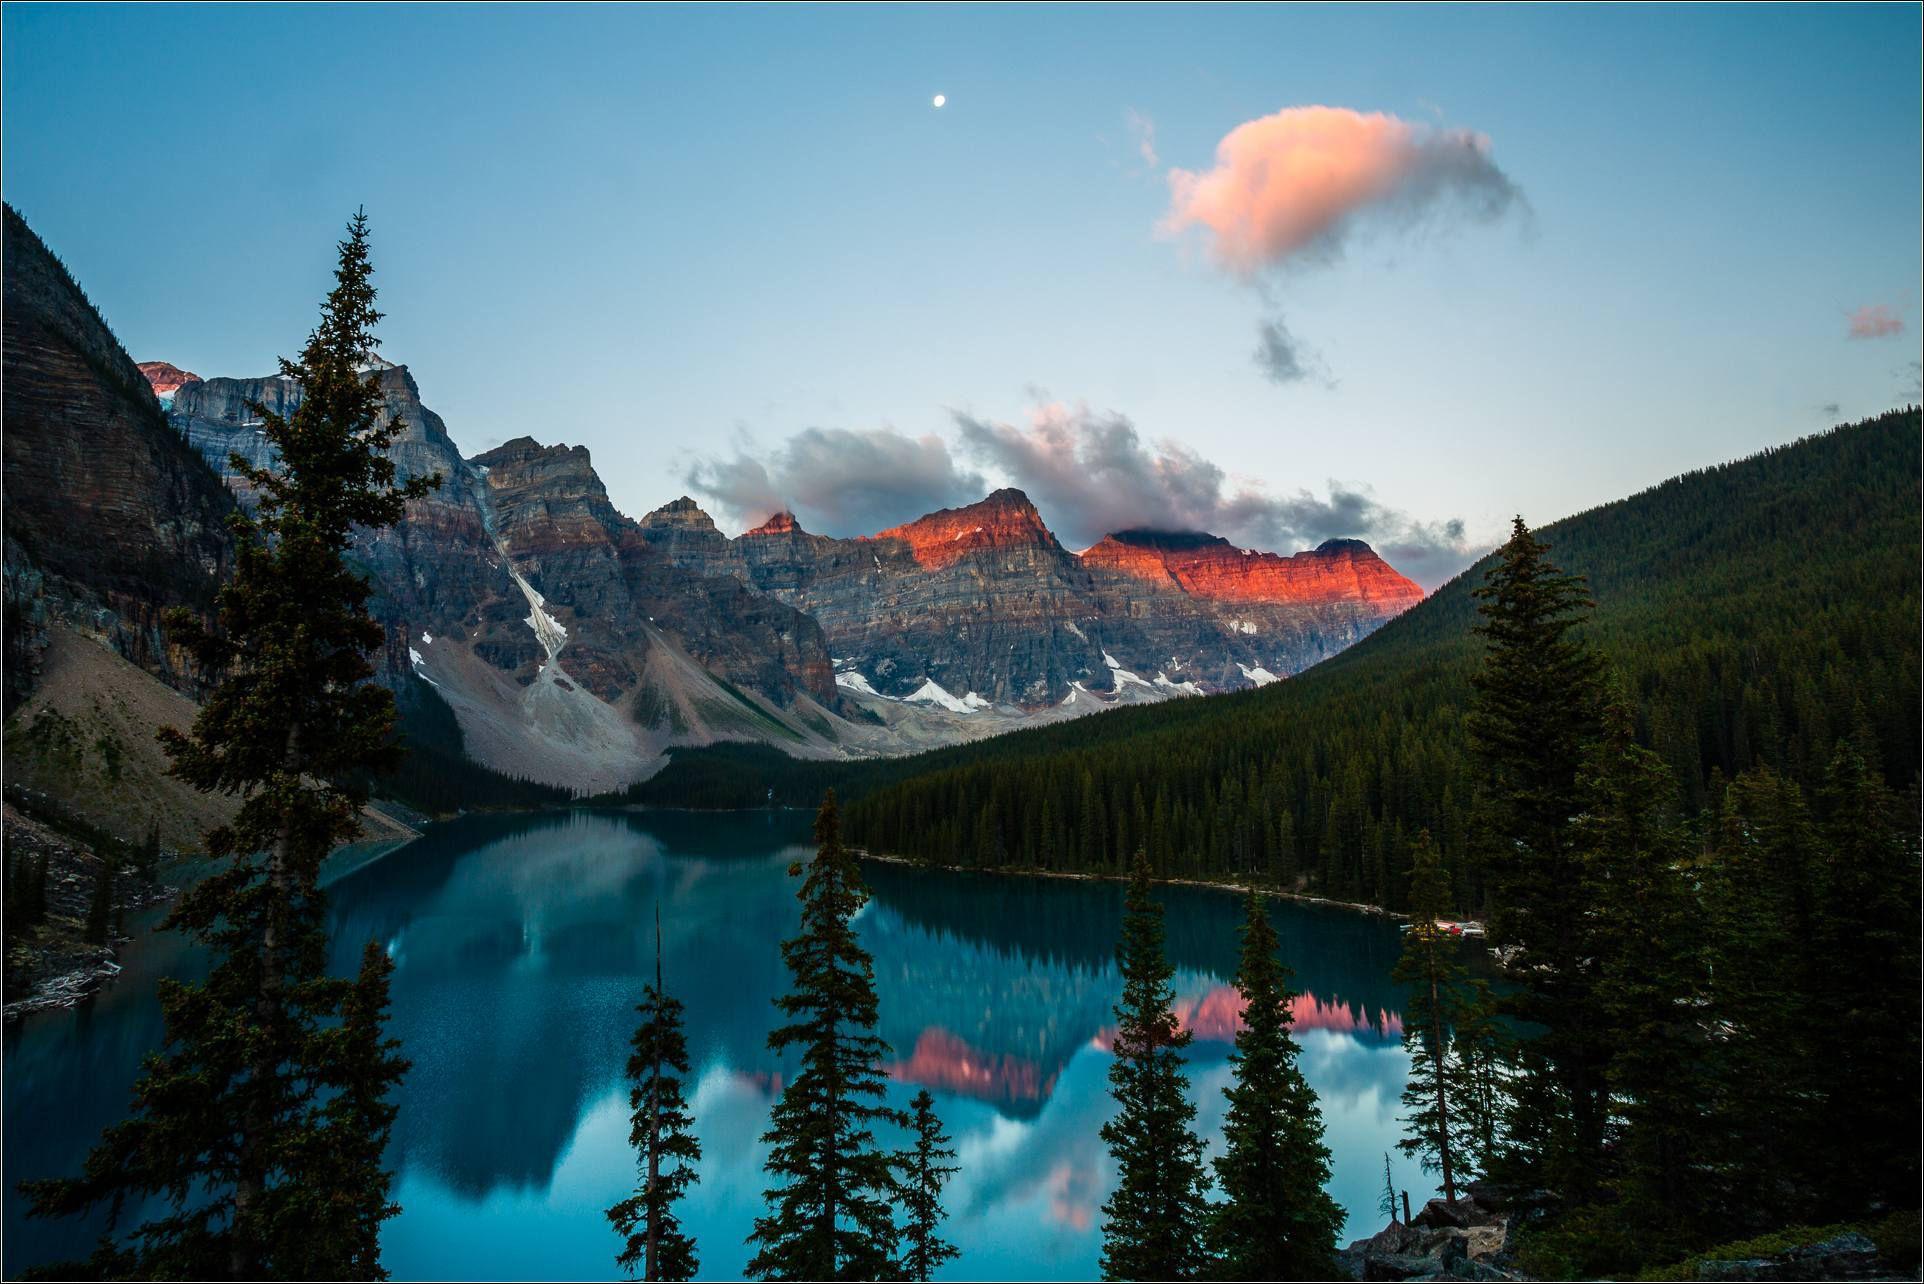 Valley Of Ten Peaks Hd